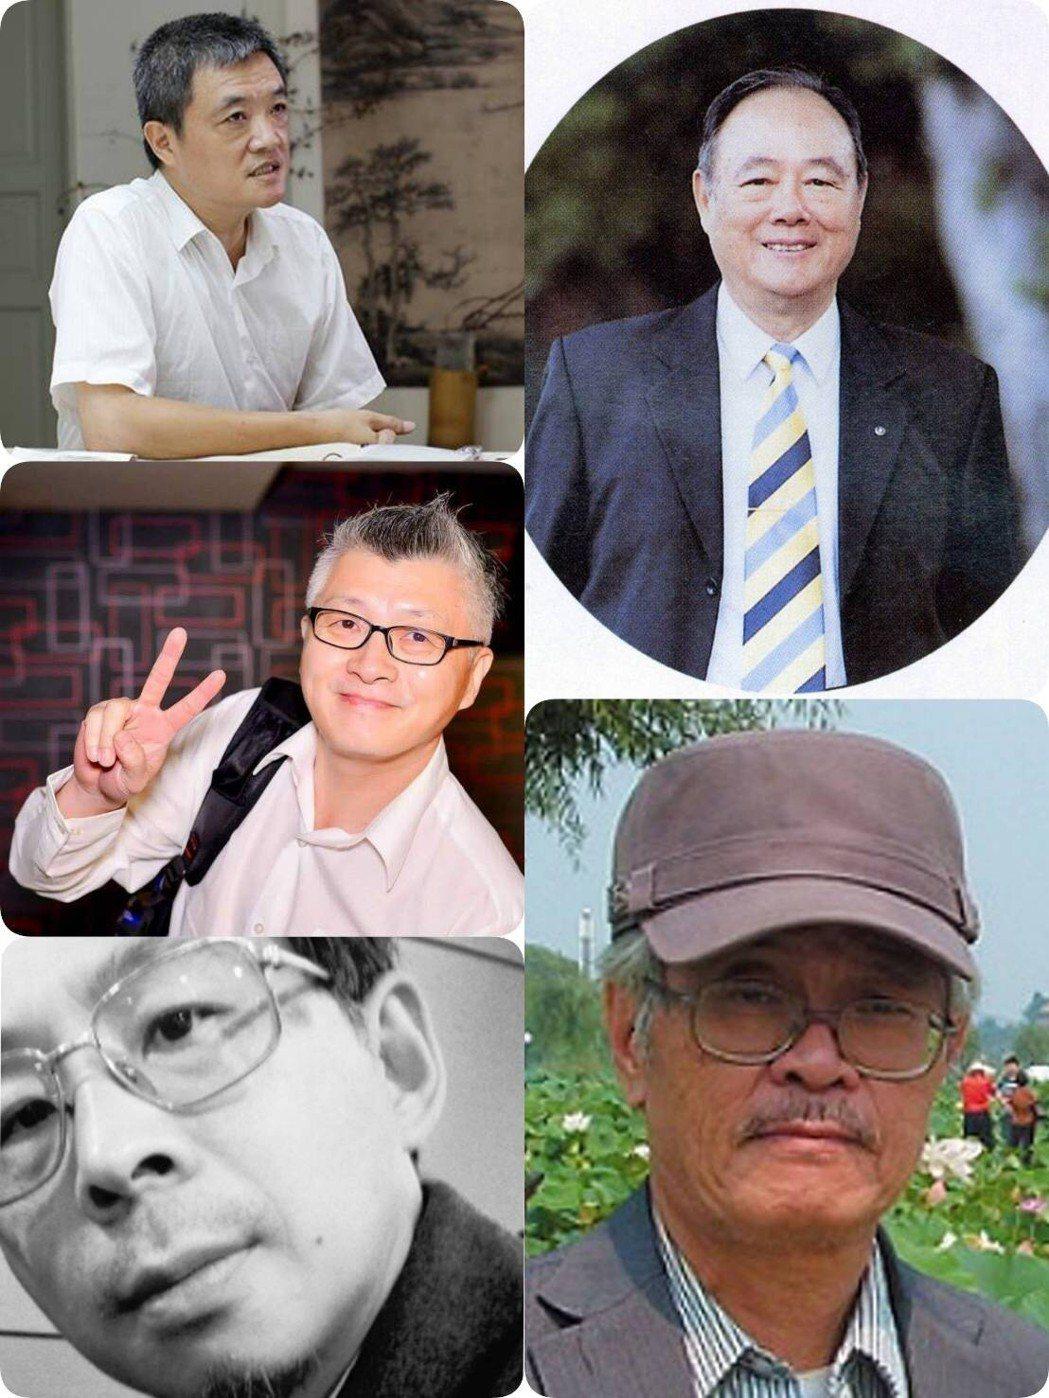 (左上圖)為吳士偉教授、(左中圖)為葉大銘老師、(左下圖)為陶文岳教授、(右上圖...